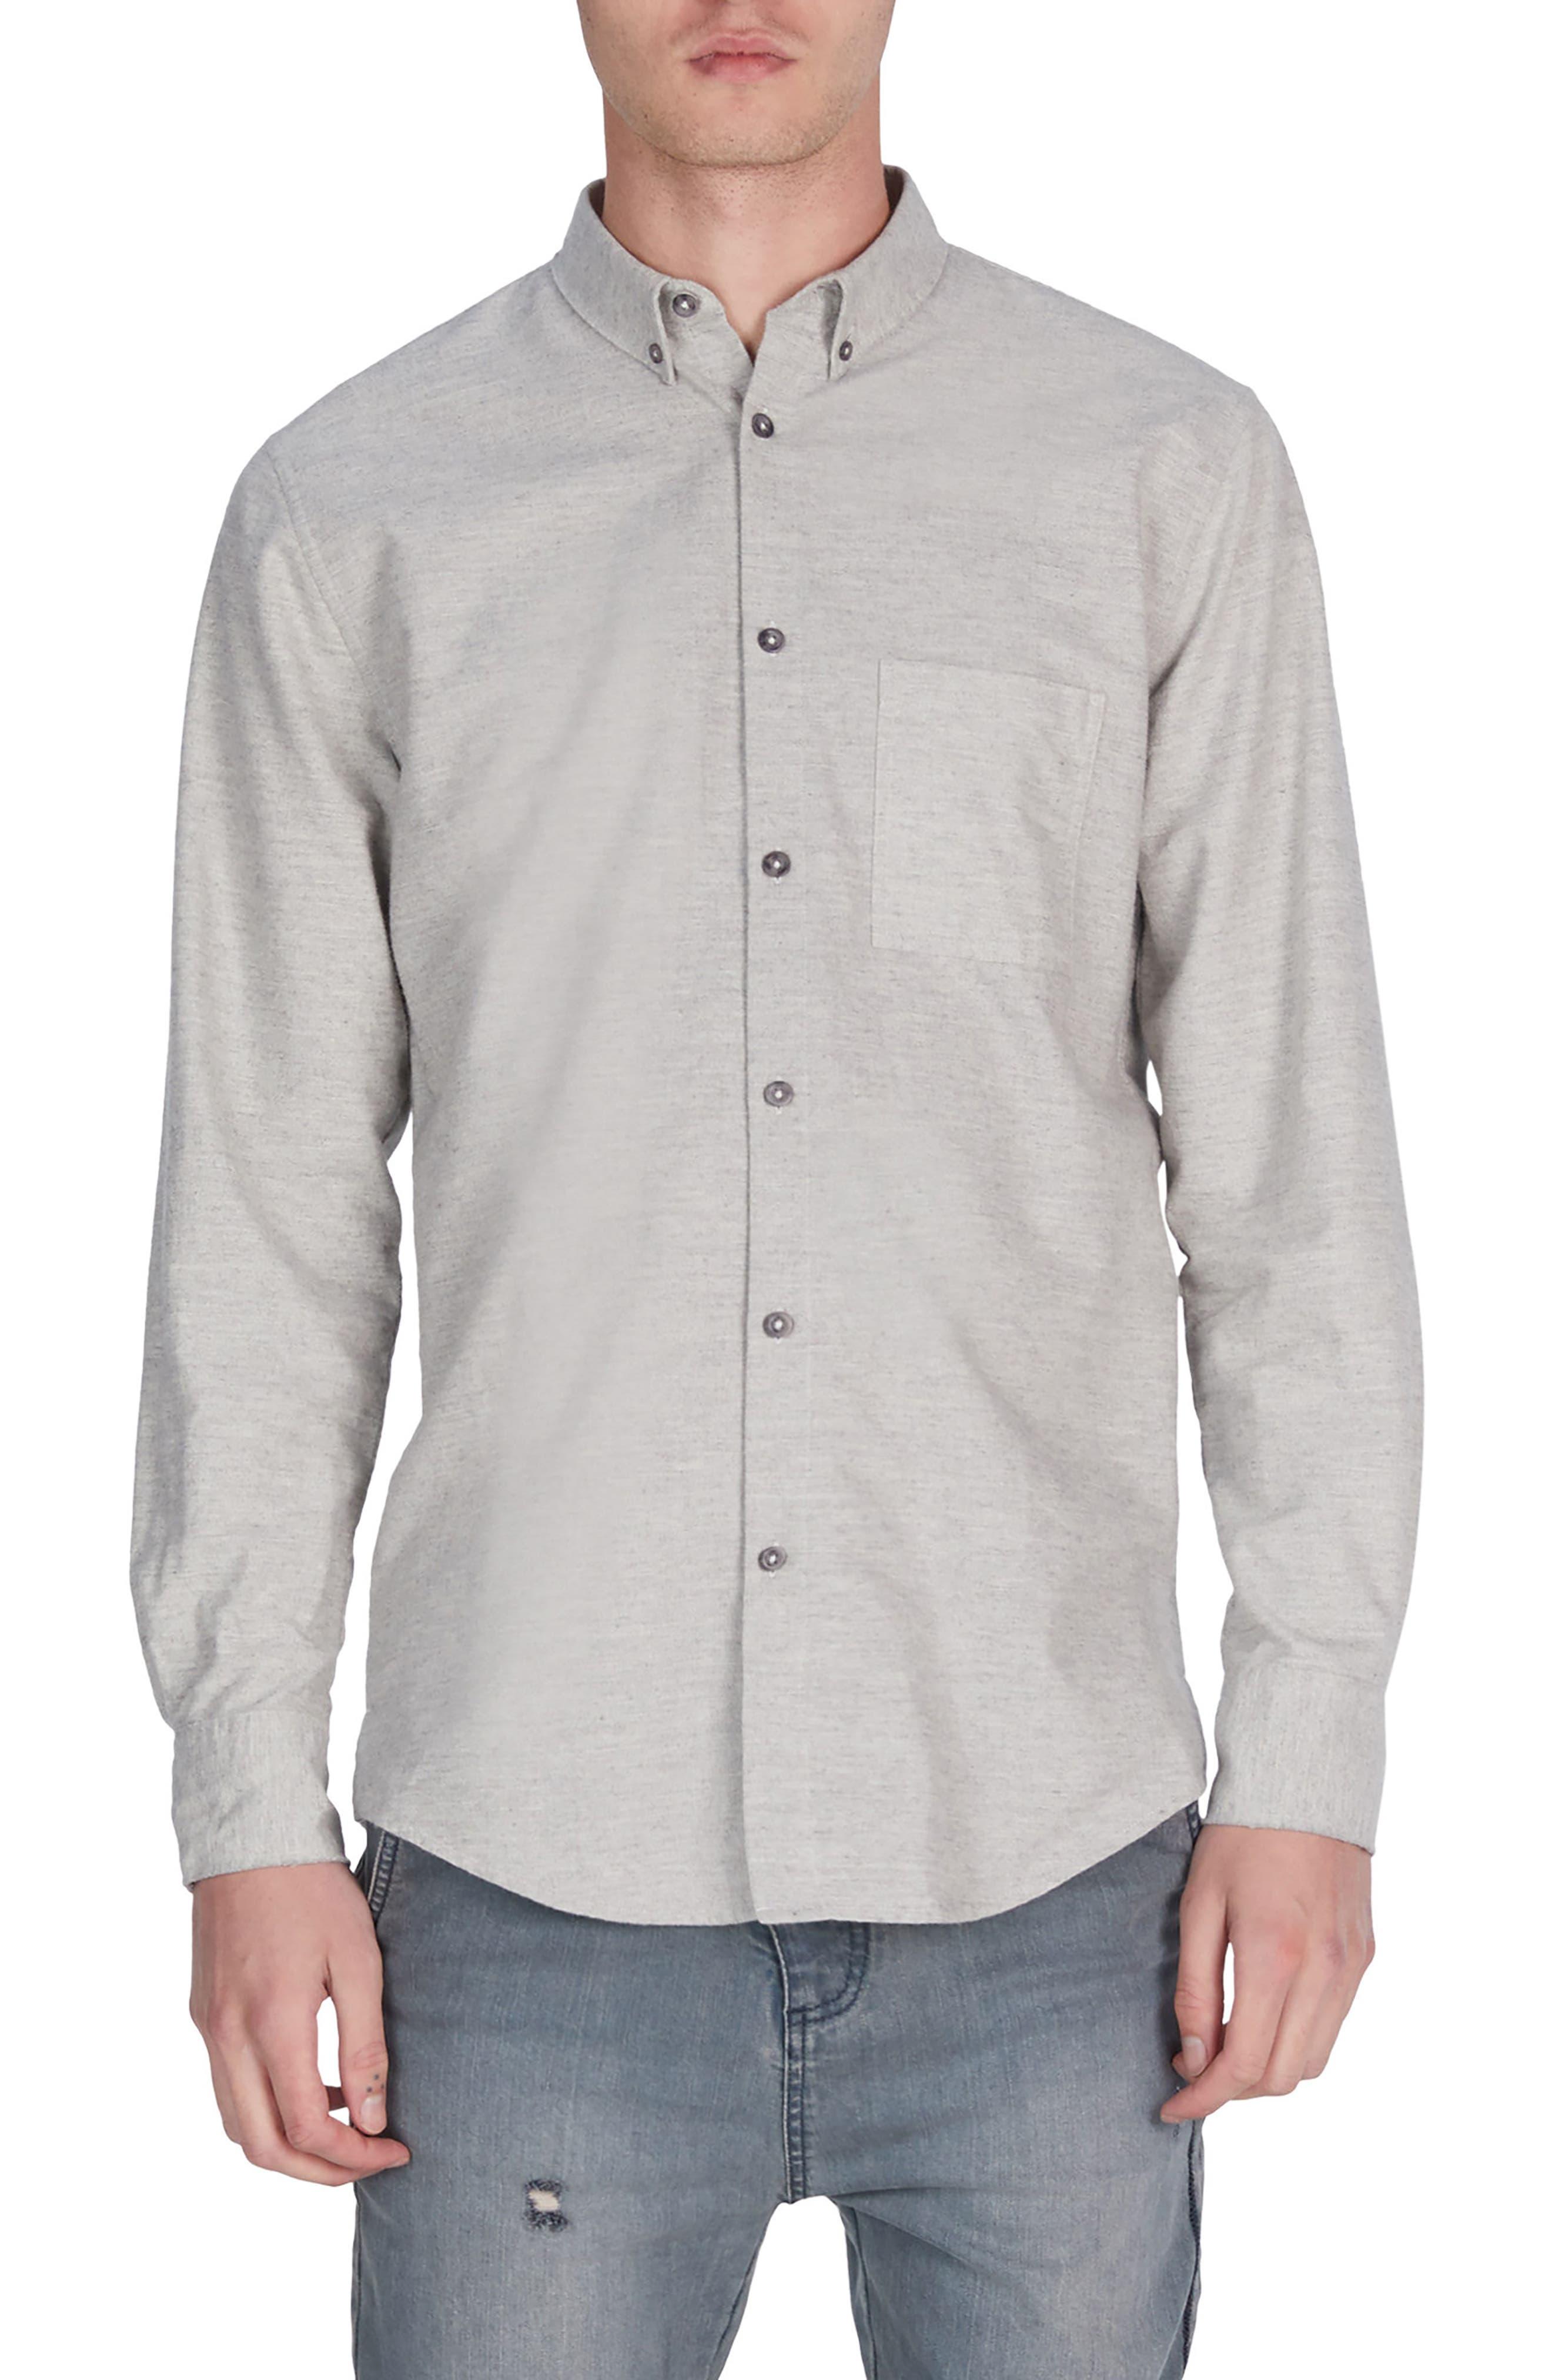 ZANEROBE 7FT Shirt